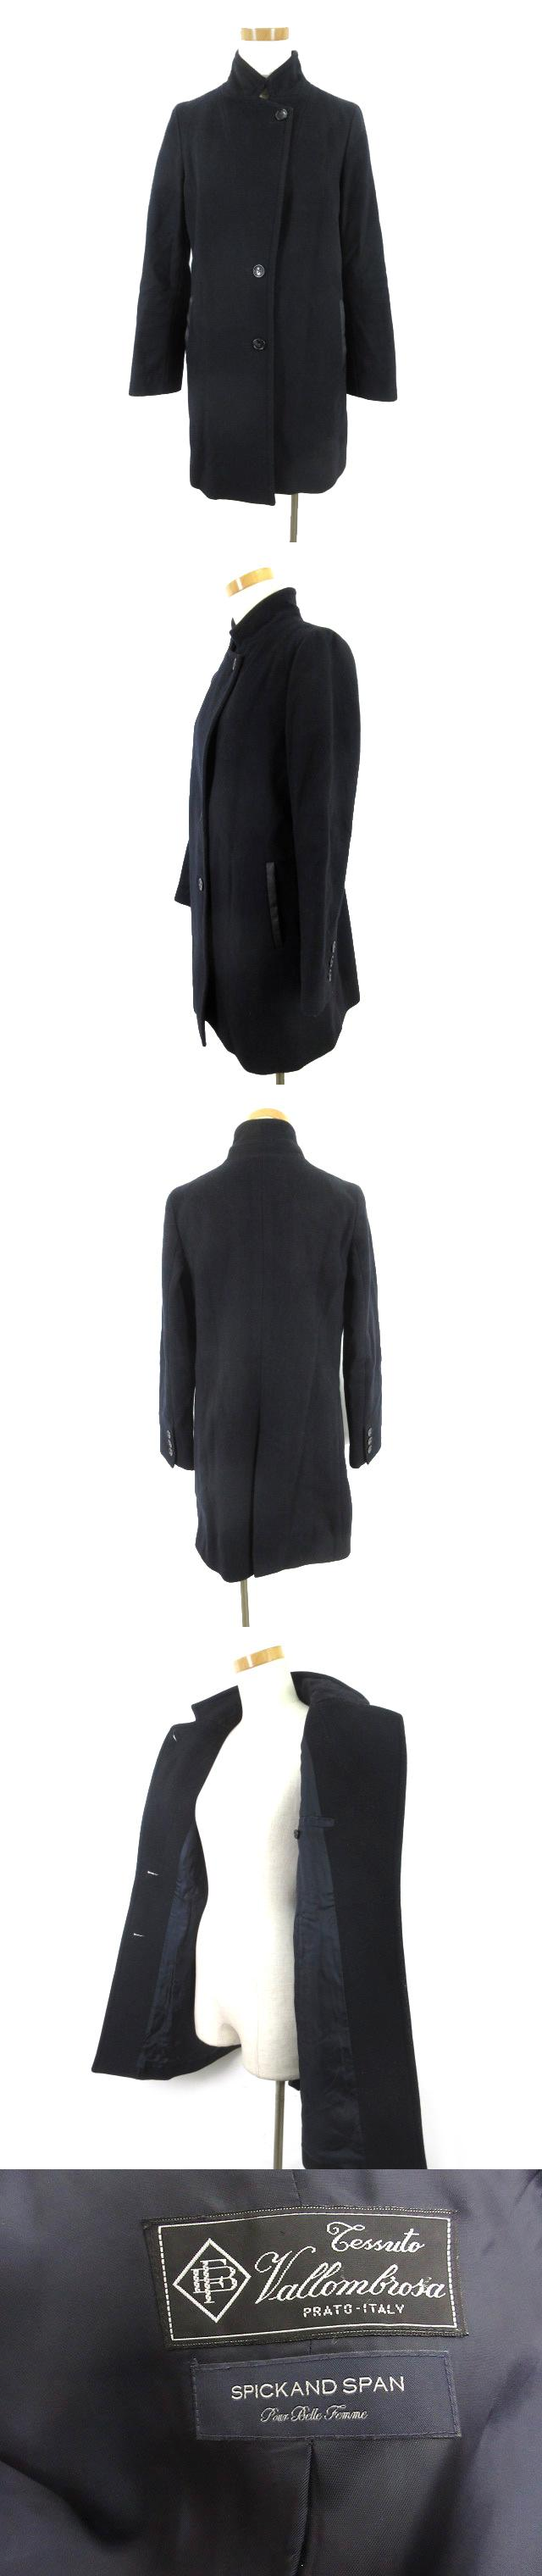 ステンカラー コート 立ち襟 Vallombrosa バロムブローサ ポケットフェイクレザー 紺 ネイビー ウール 36 アウター